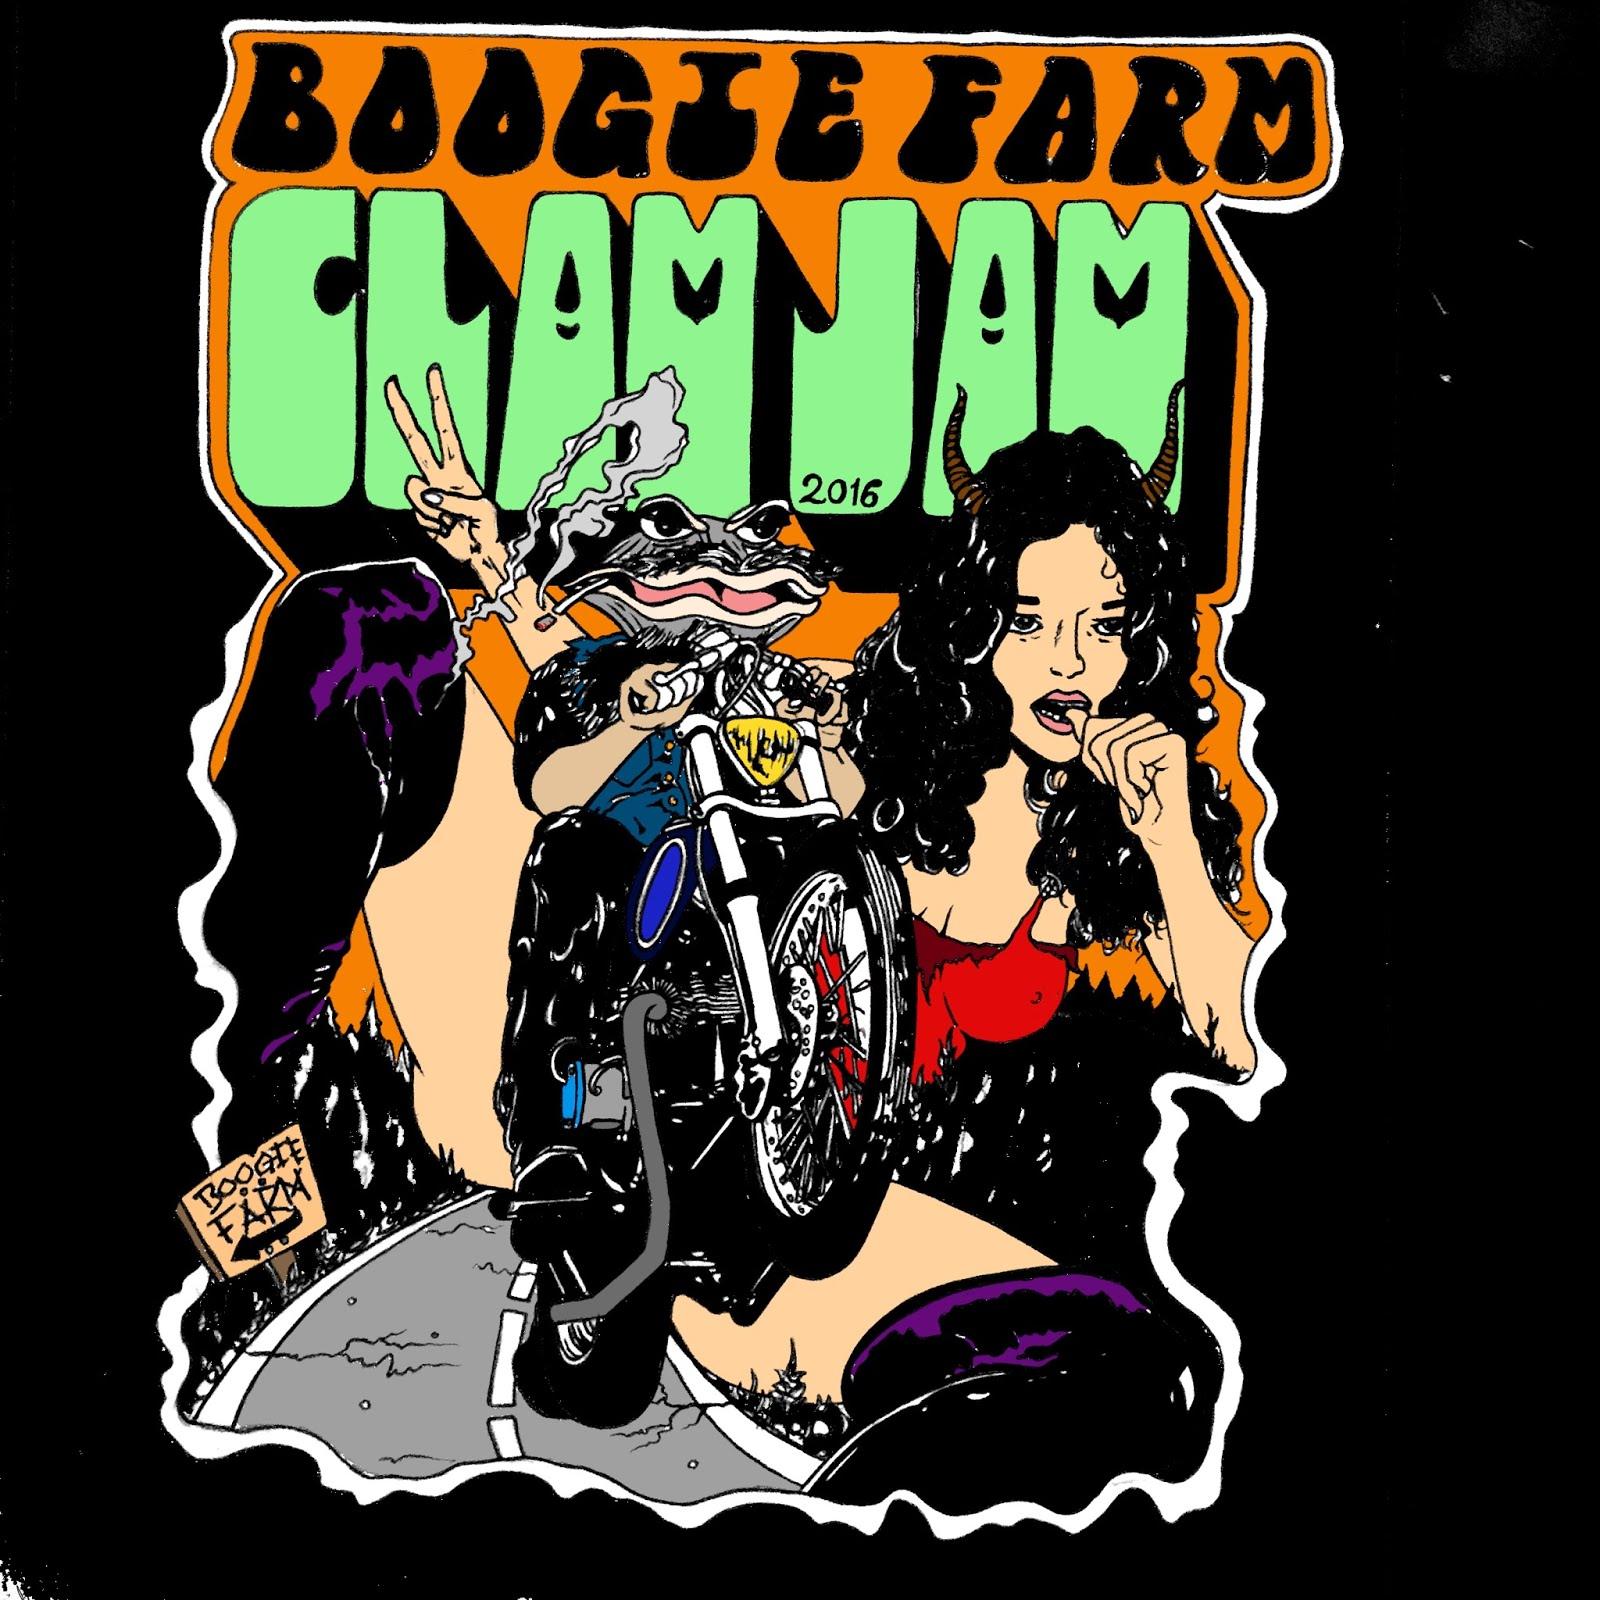 Boogie Farm Clam Jam